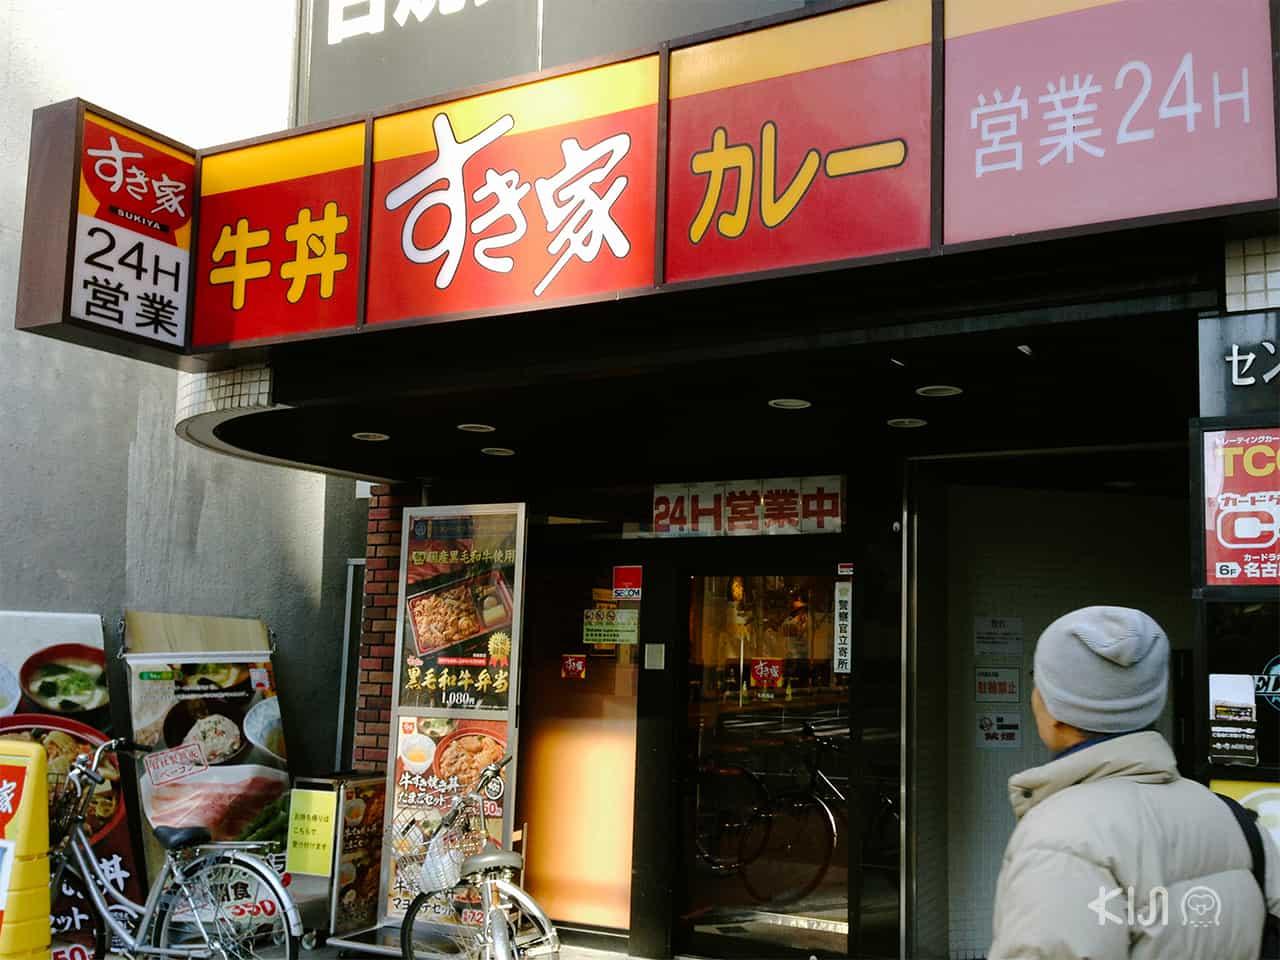 ฟาสต์ฟู้ดญี่ปุ่น : ร้าน Sukiya (すき家)